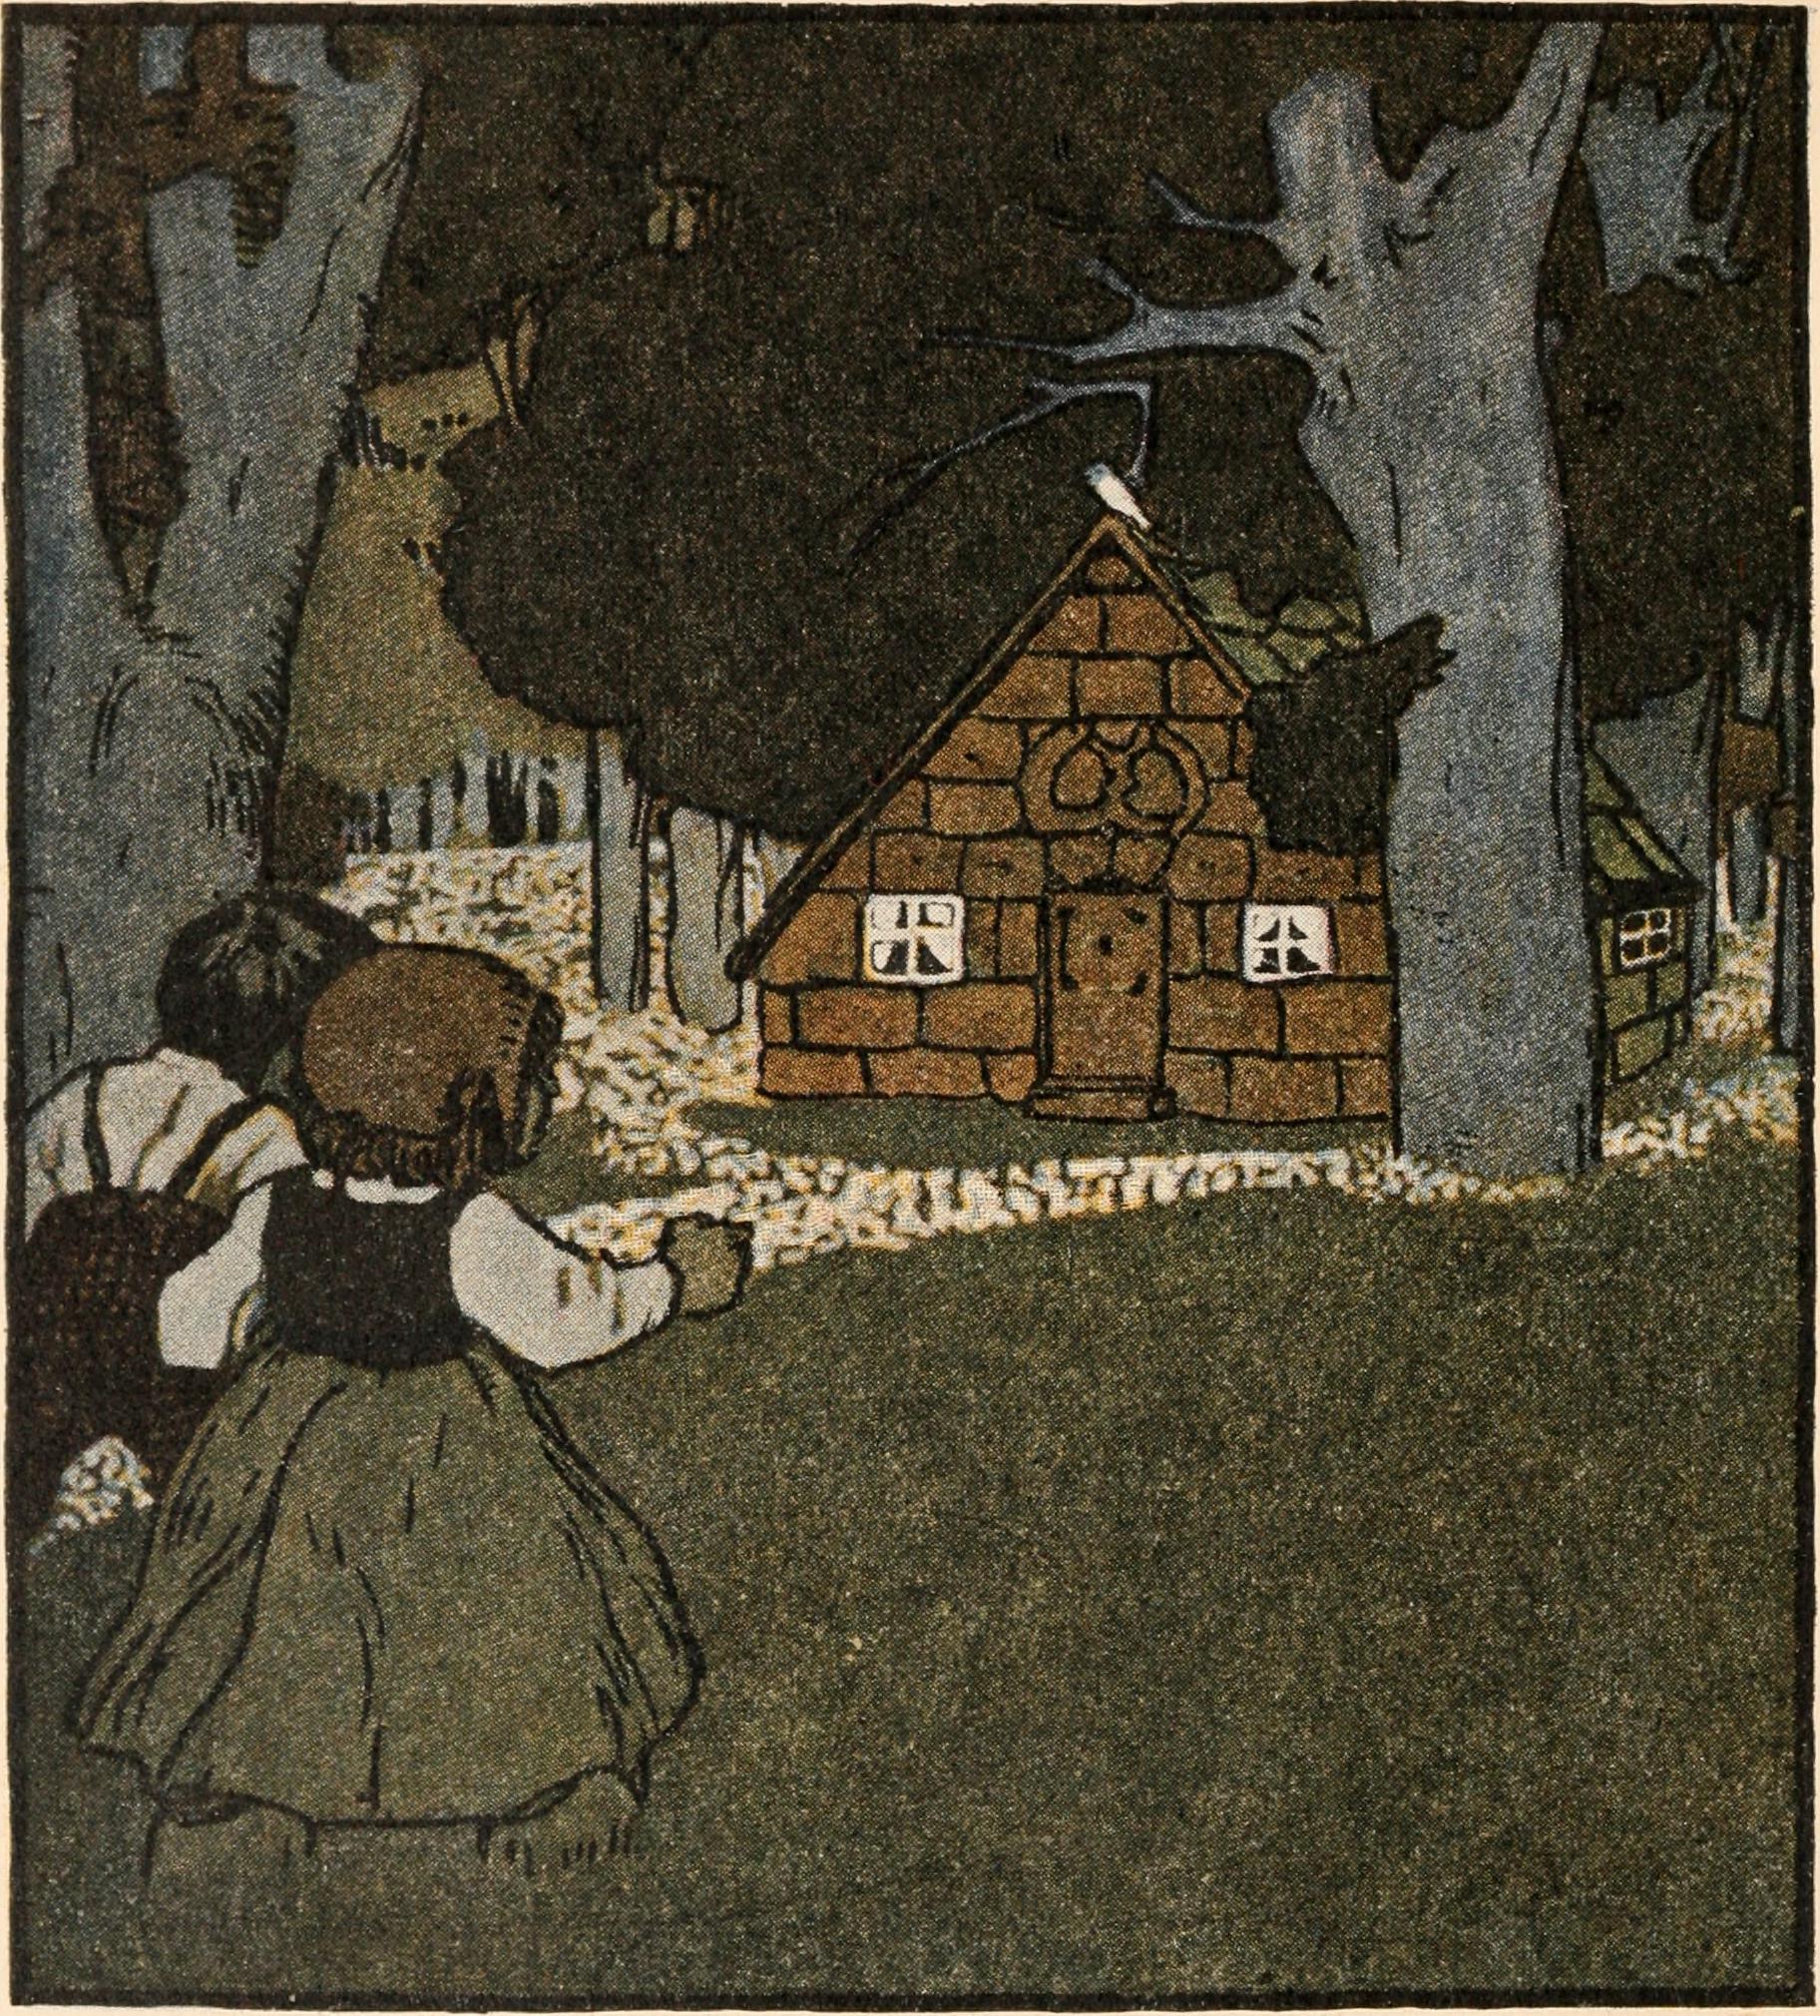 Hänsel und Gretel im Wald auf dem Weg zum Lebkuchenhaus